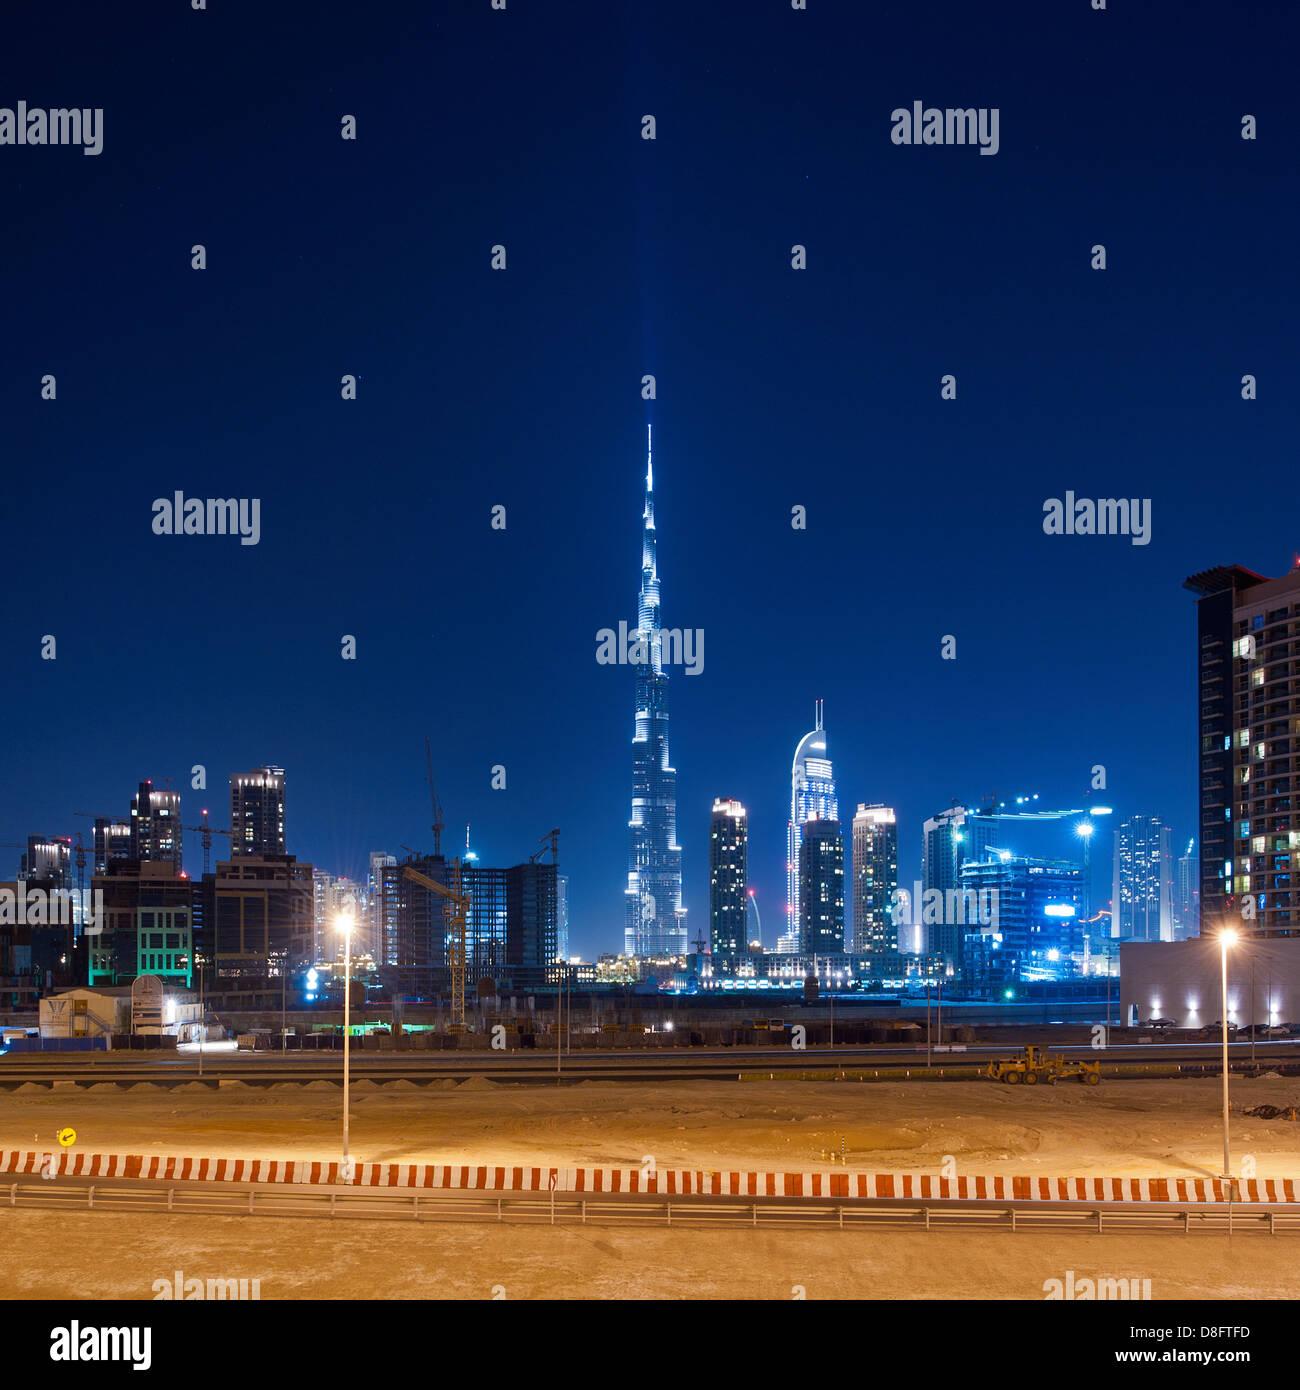 Business Bay und Burj Khalifa in der Nacht, Downtown Dubai, Vereinigte Arabische Emirate Stockfoto